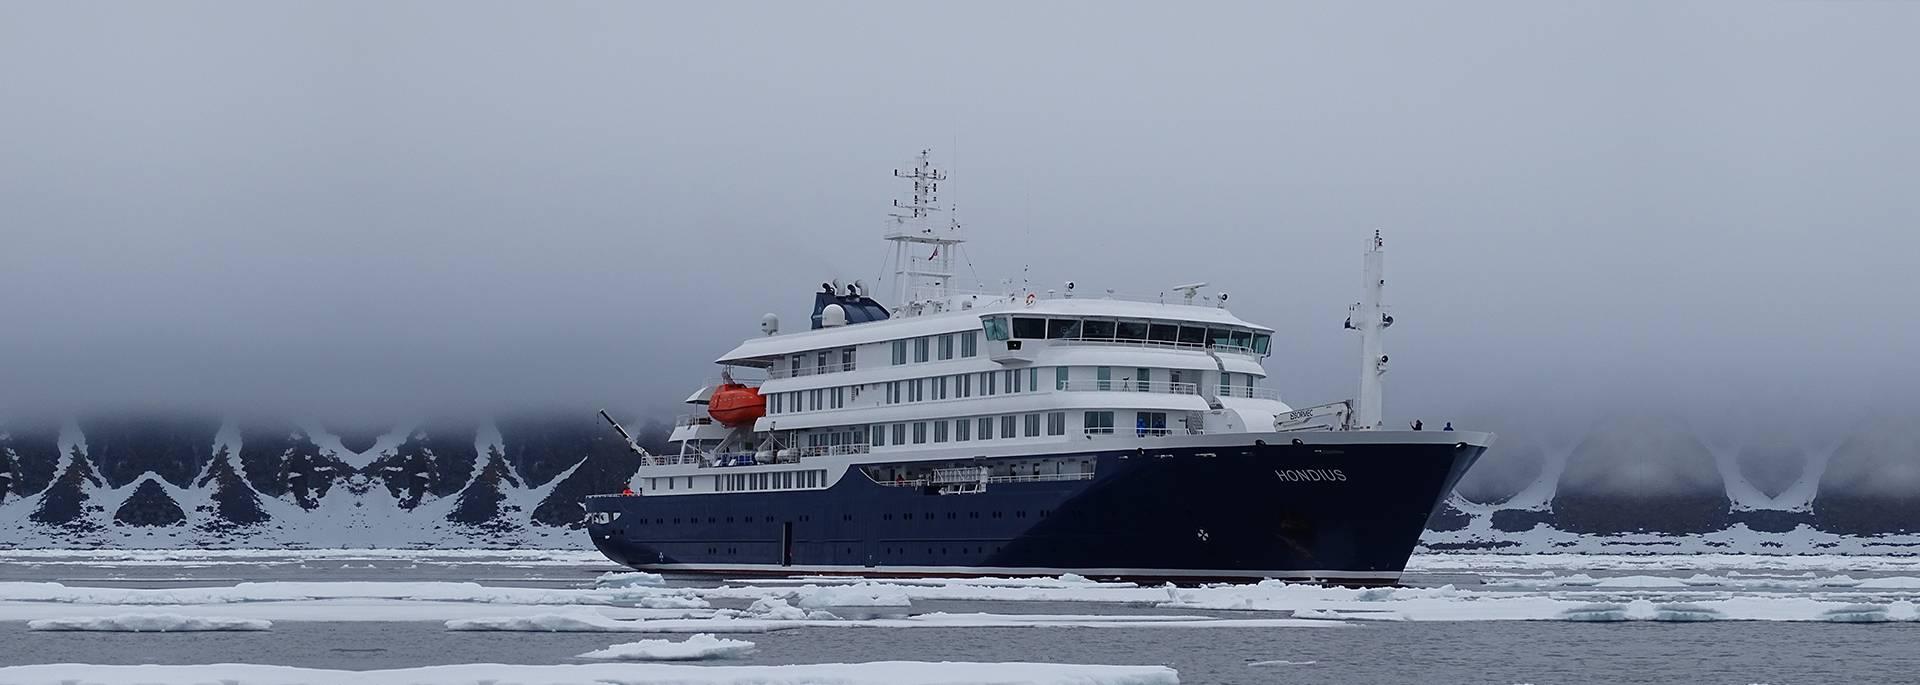 Upoznajte Arktik i Antartik